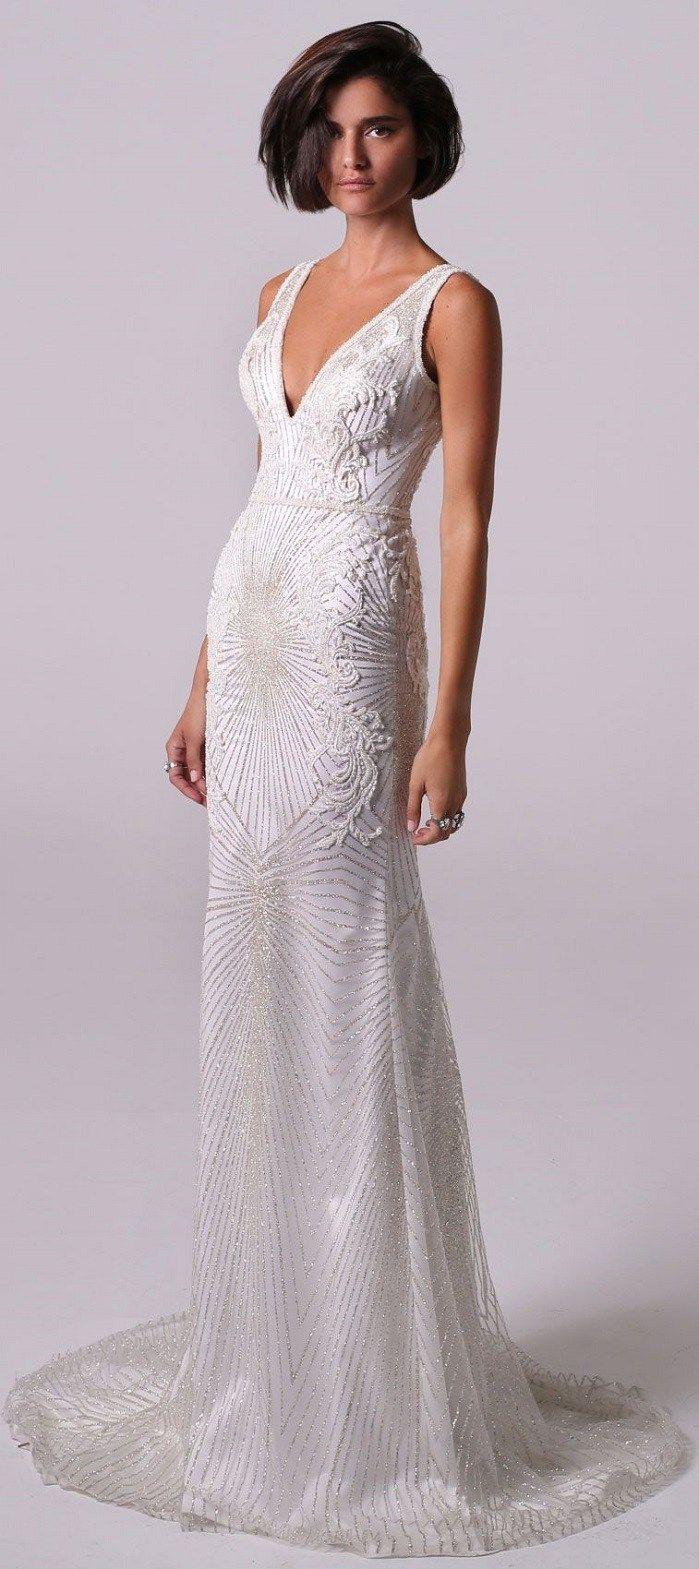 Short wedding dresses for older brides  Michal Medina  Wedding Dresses  Wedding Dresses  Pinterest